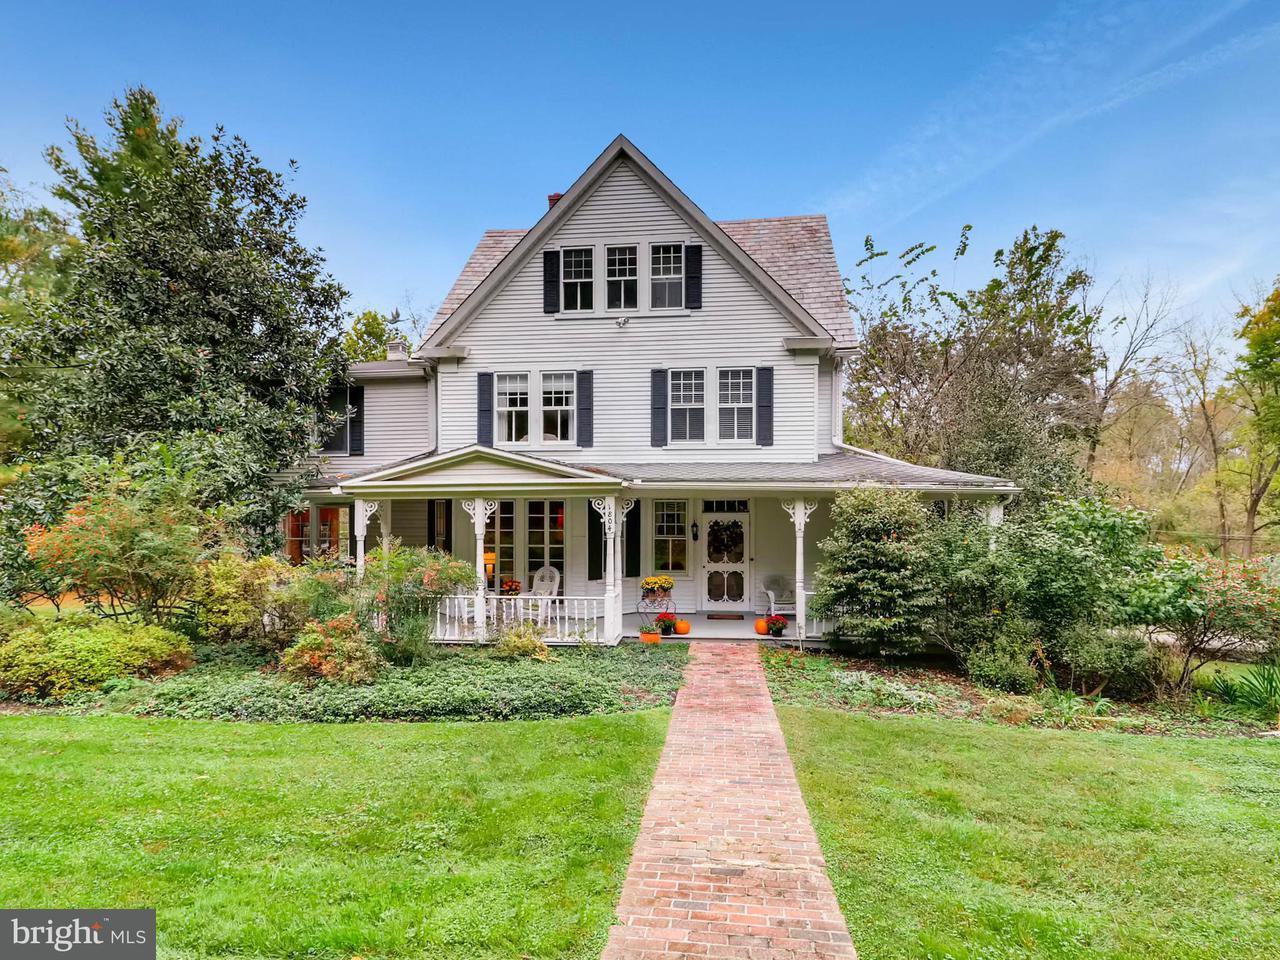 Частный односемейный дом для того Продажа на 1804 Cottage Lane 1804 Cottage Lane Stevenson, Мэриленд 21153 Соединенные Штаты